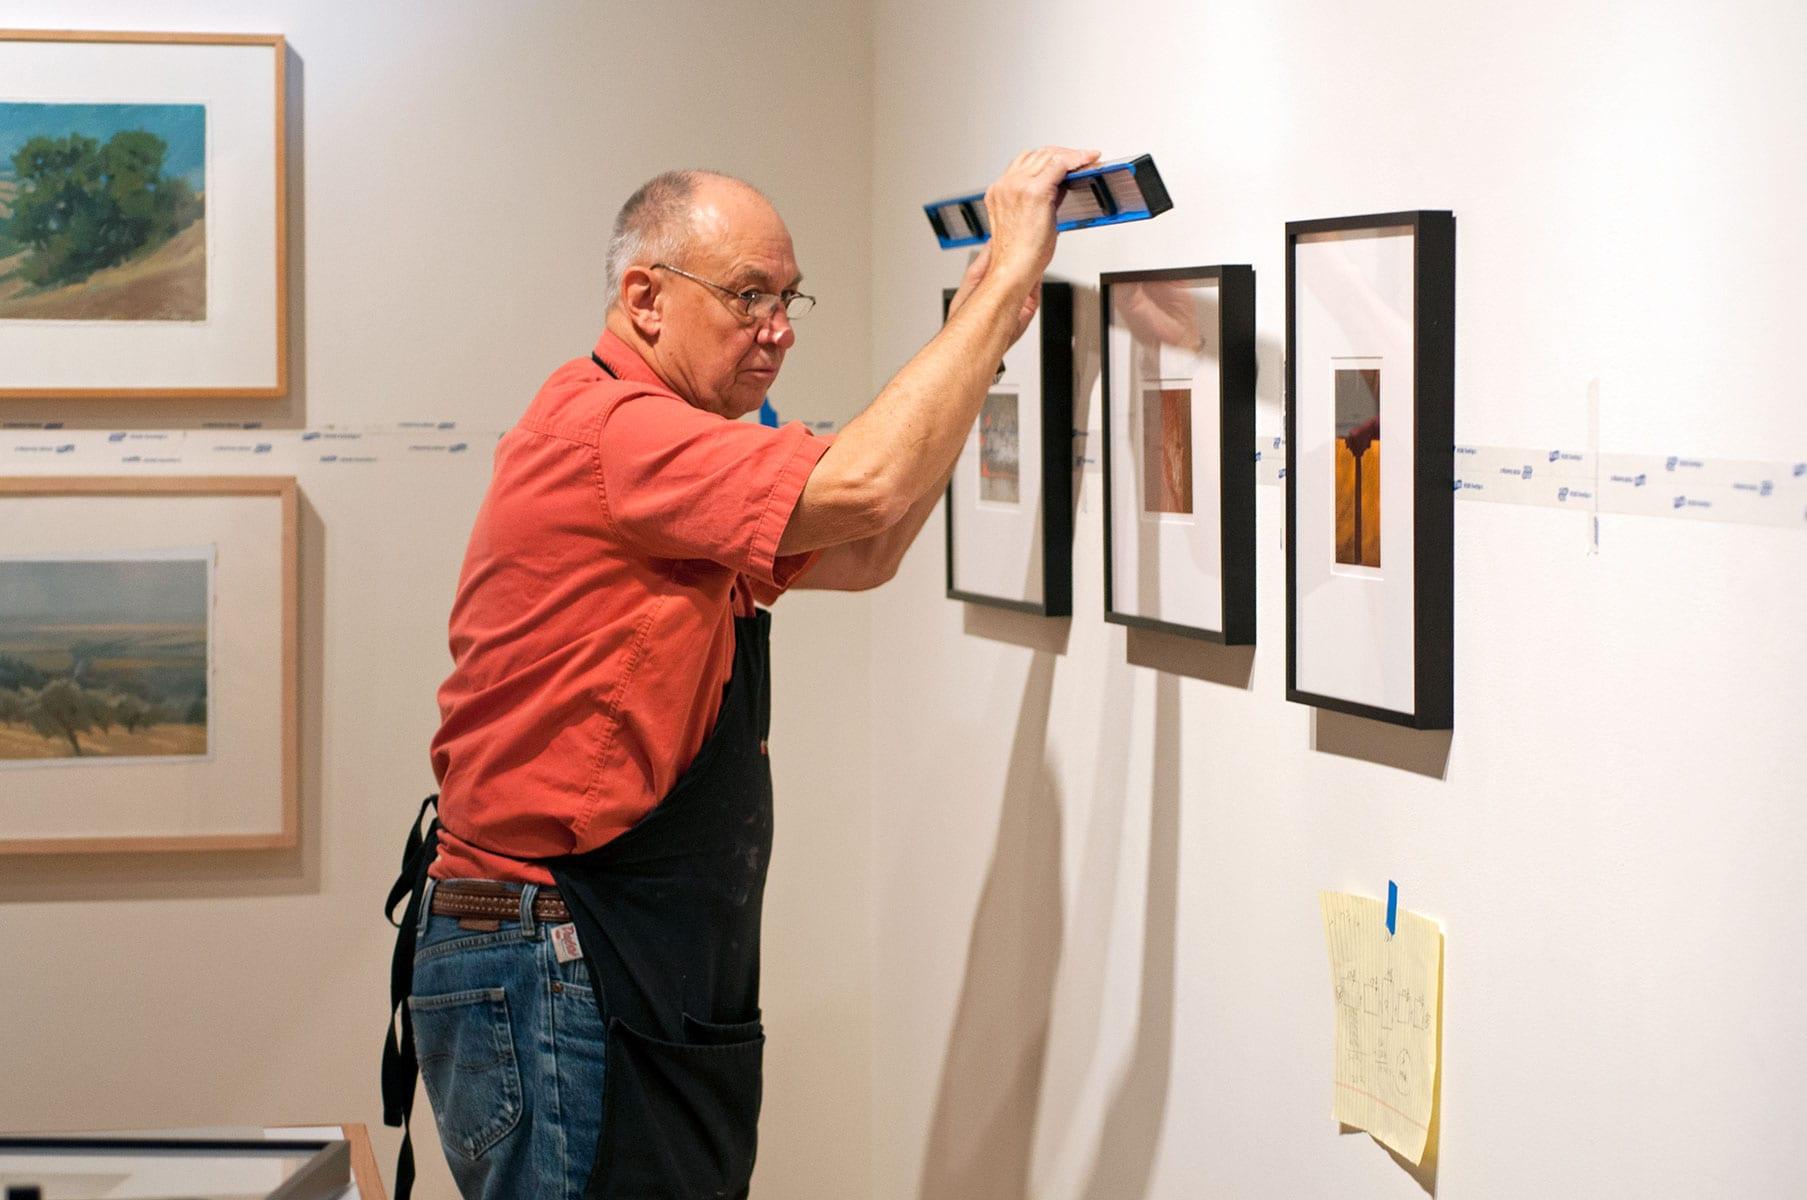 Justin Kronewetter instalando una exhibición en el Ross Art Museum © Matt Wasserman. Cortesía Ohio Wesleyan University.